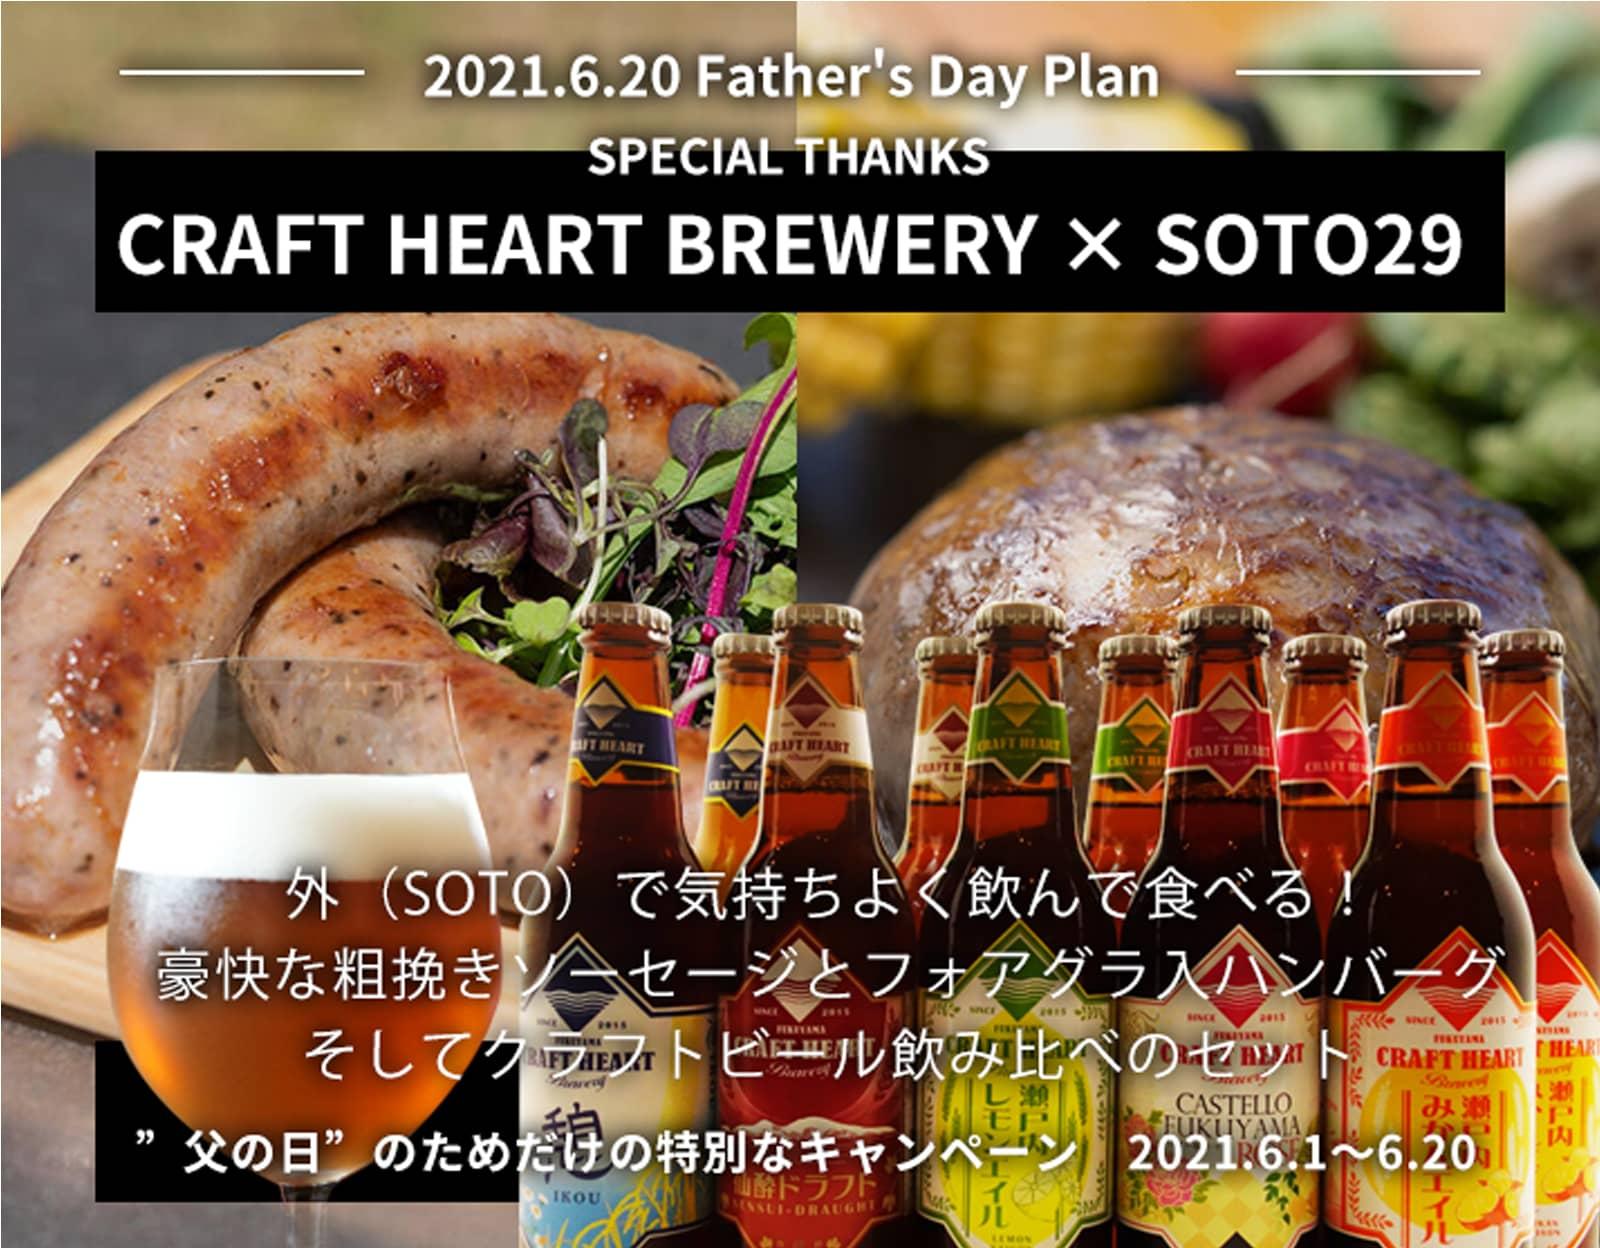 父の日に、ありがとうの言葉が浮かぶクラフトビール飲み比べとフォアグラ入ハンバーグ、豪快粗挽きソーセージセット